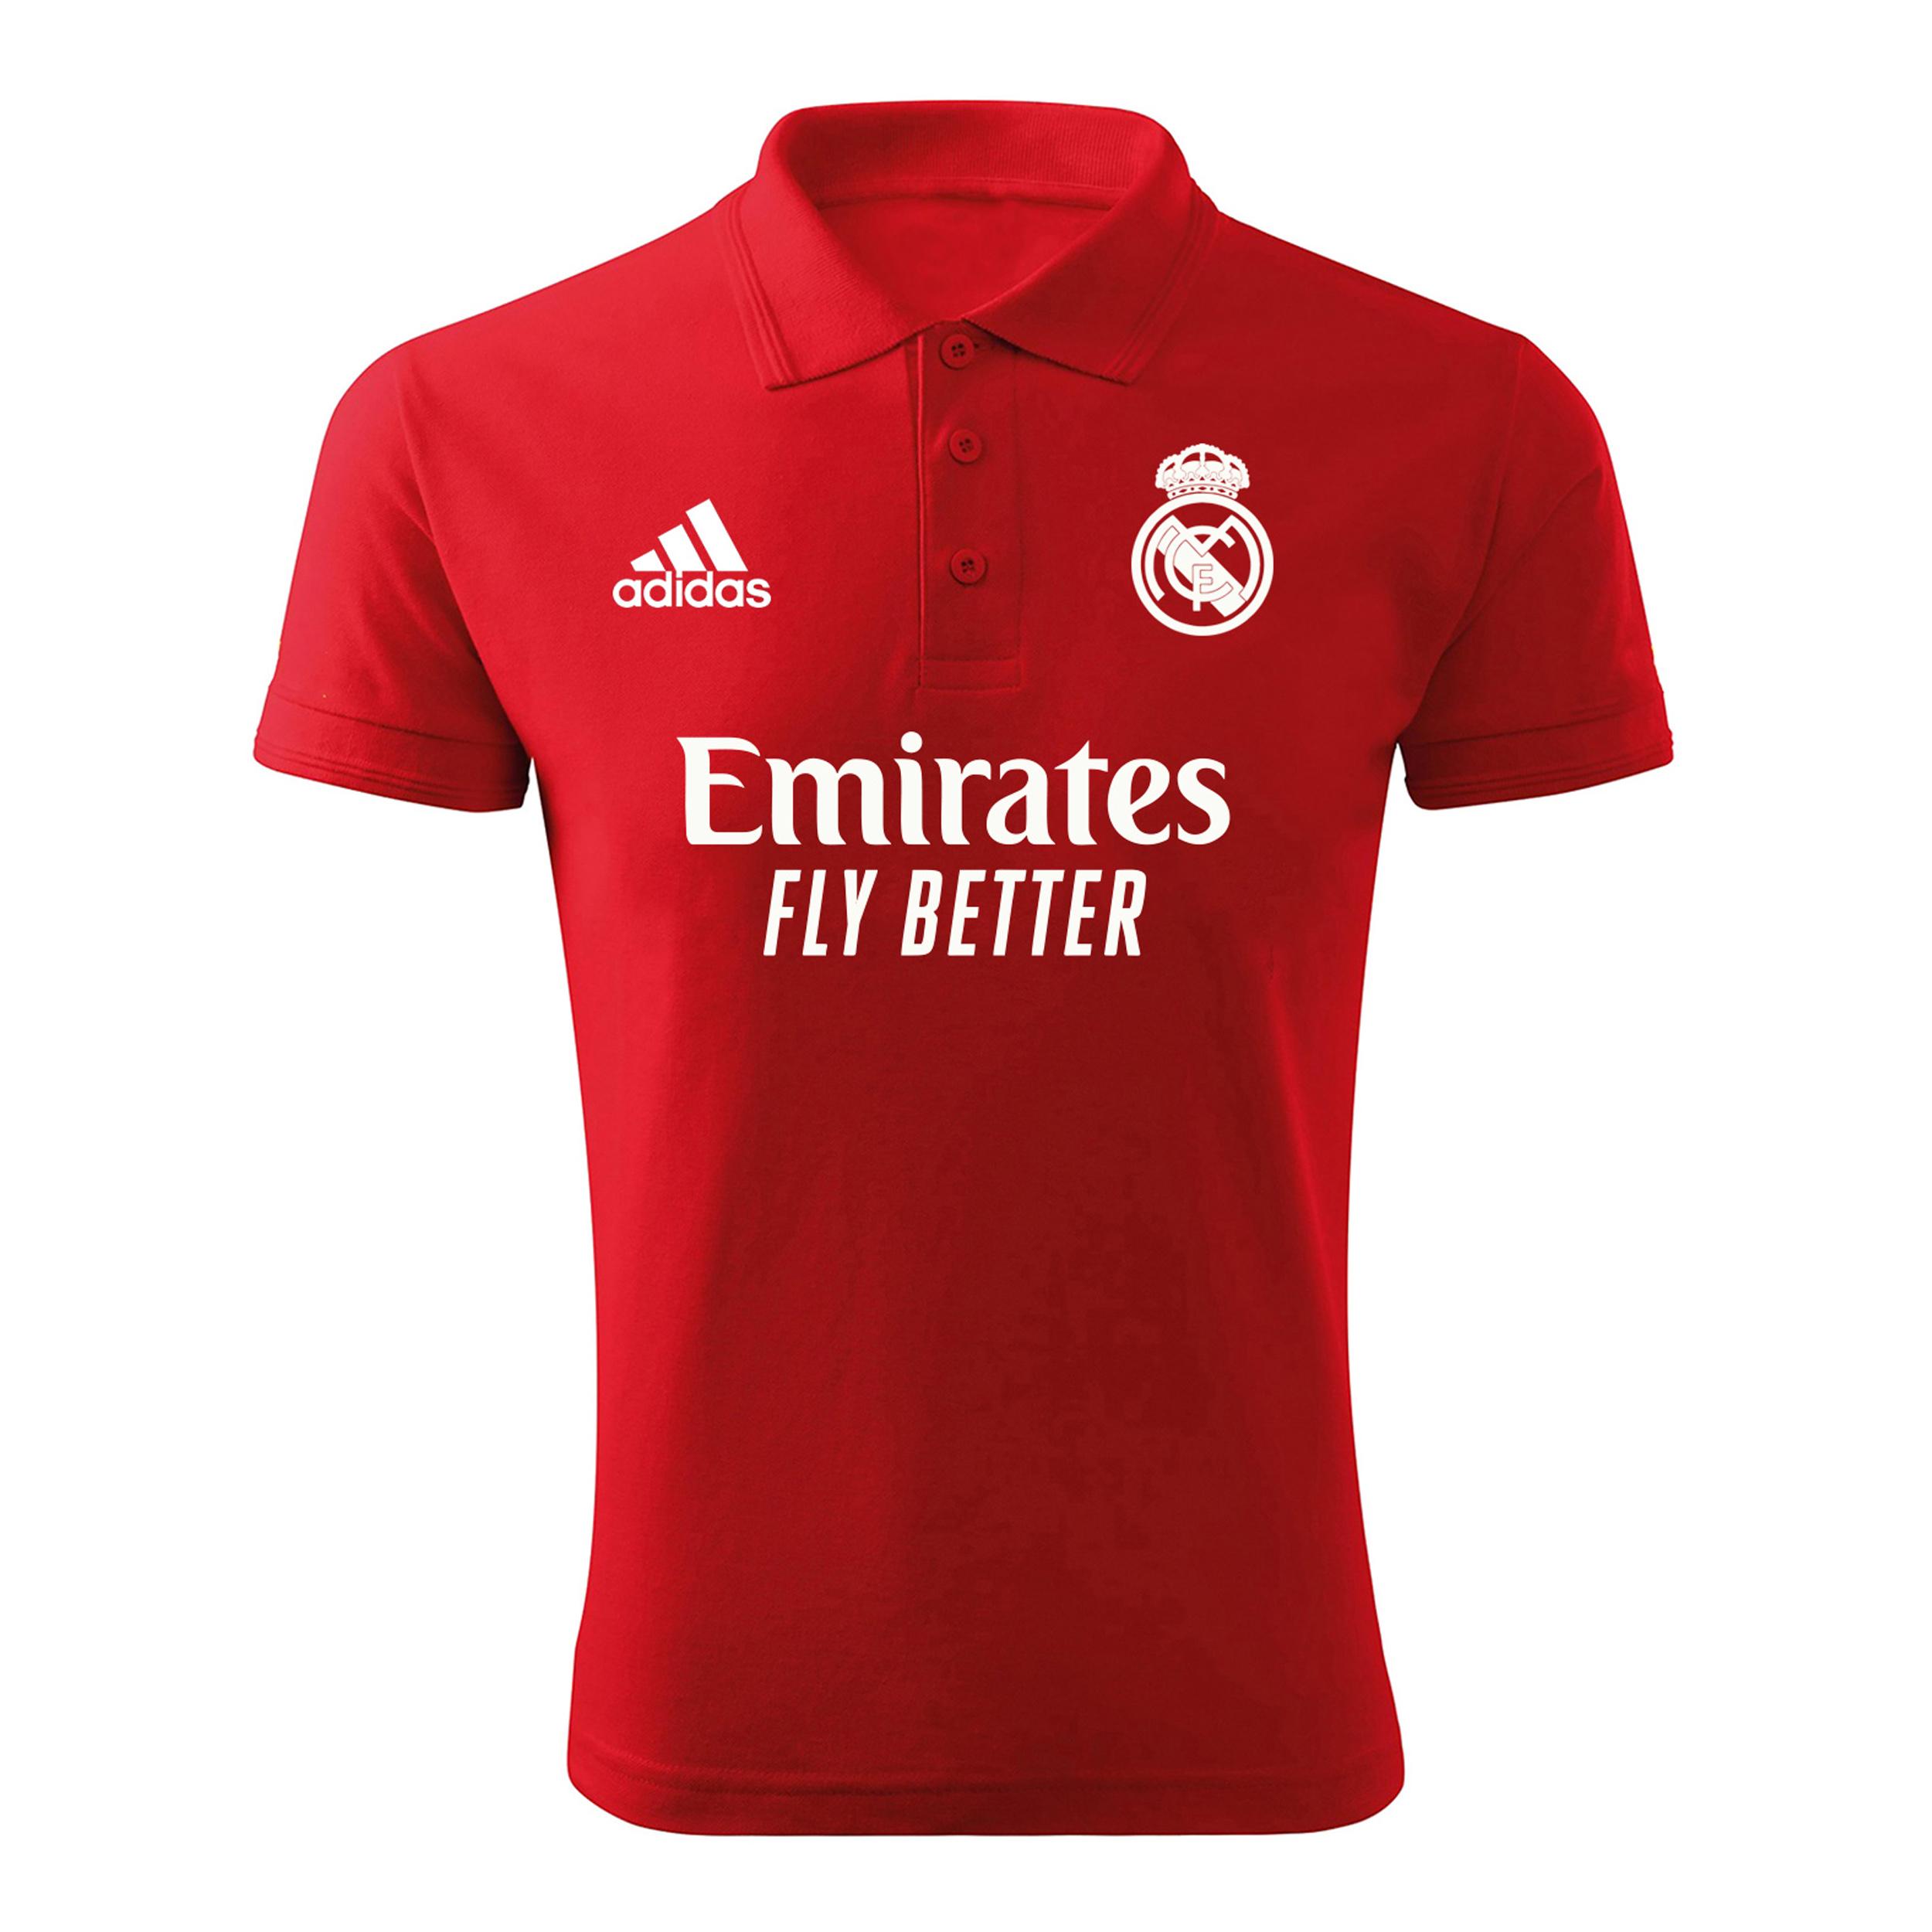 پولوشرت ورزشی مردانه مدل رئال مادرید 6521 رنگ قرمز                     غیر اصل